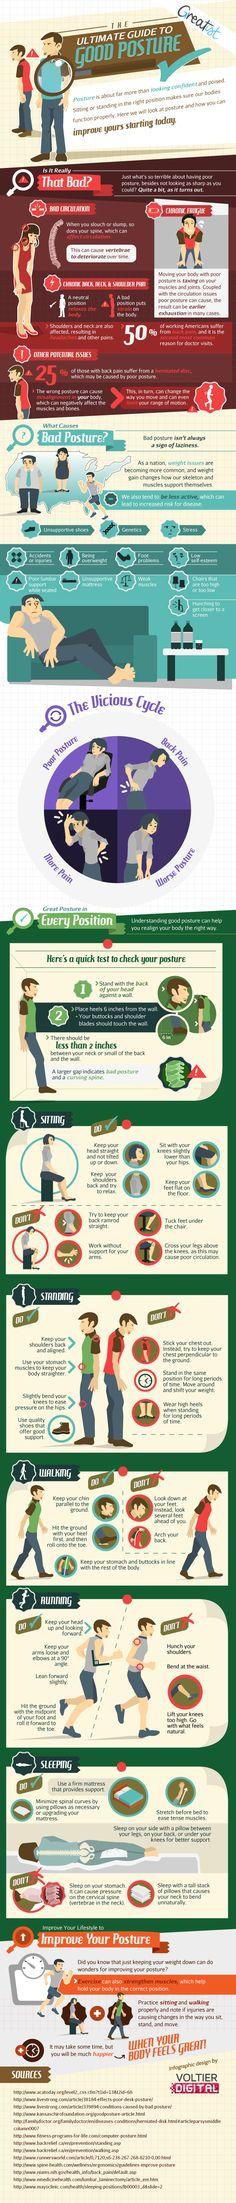 Infografía: Guia para una buena postura del cuerpo